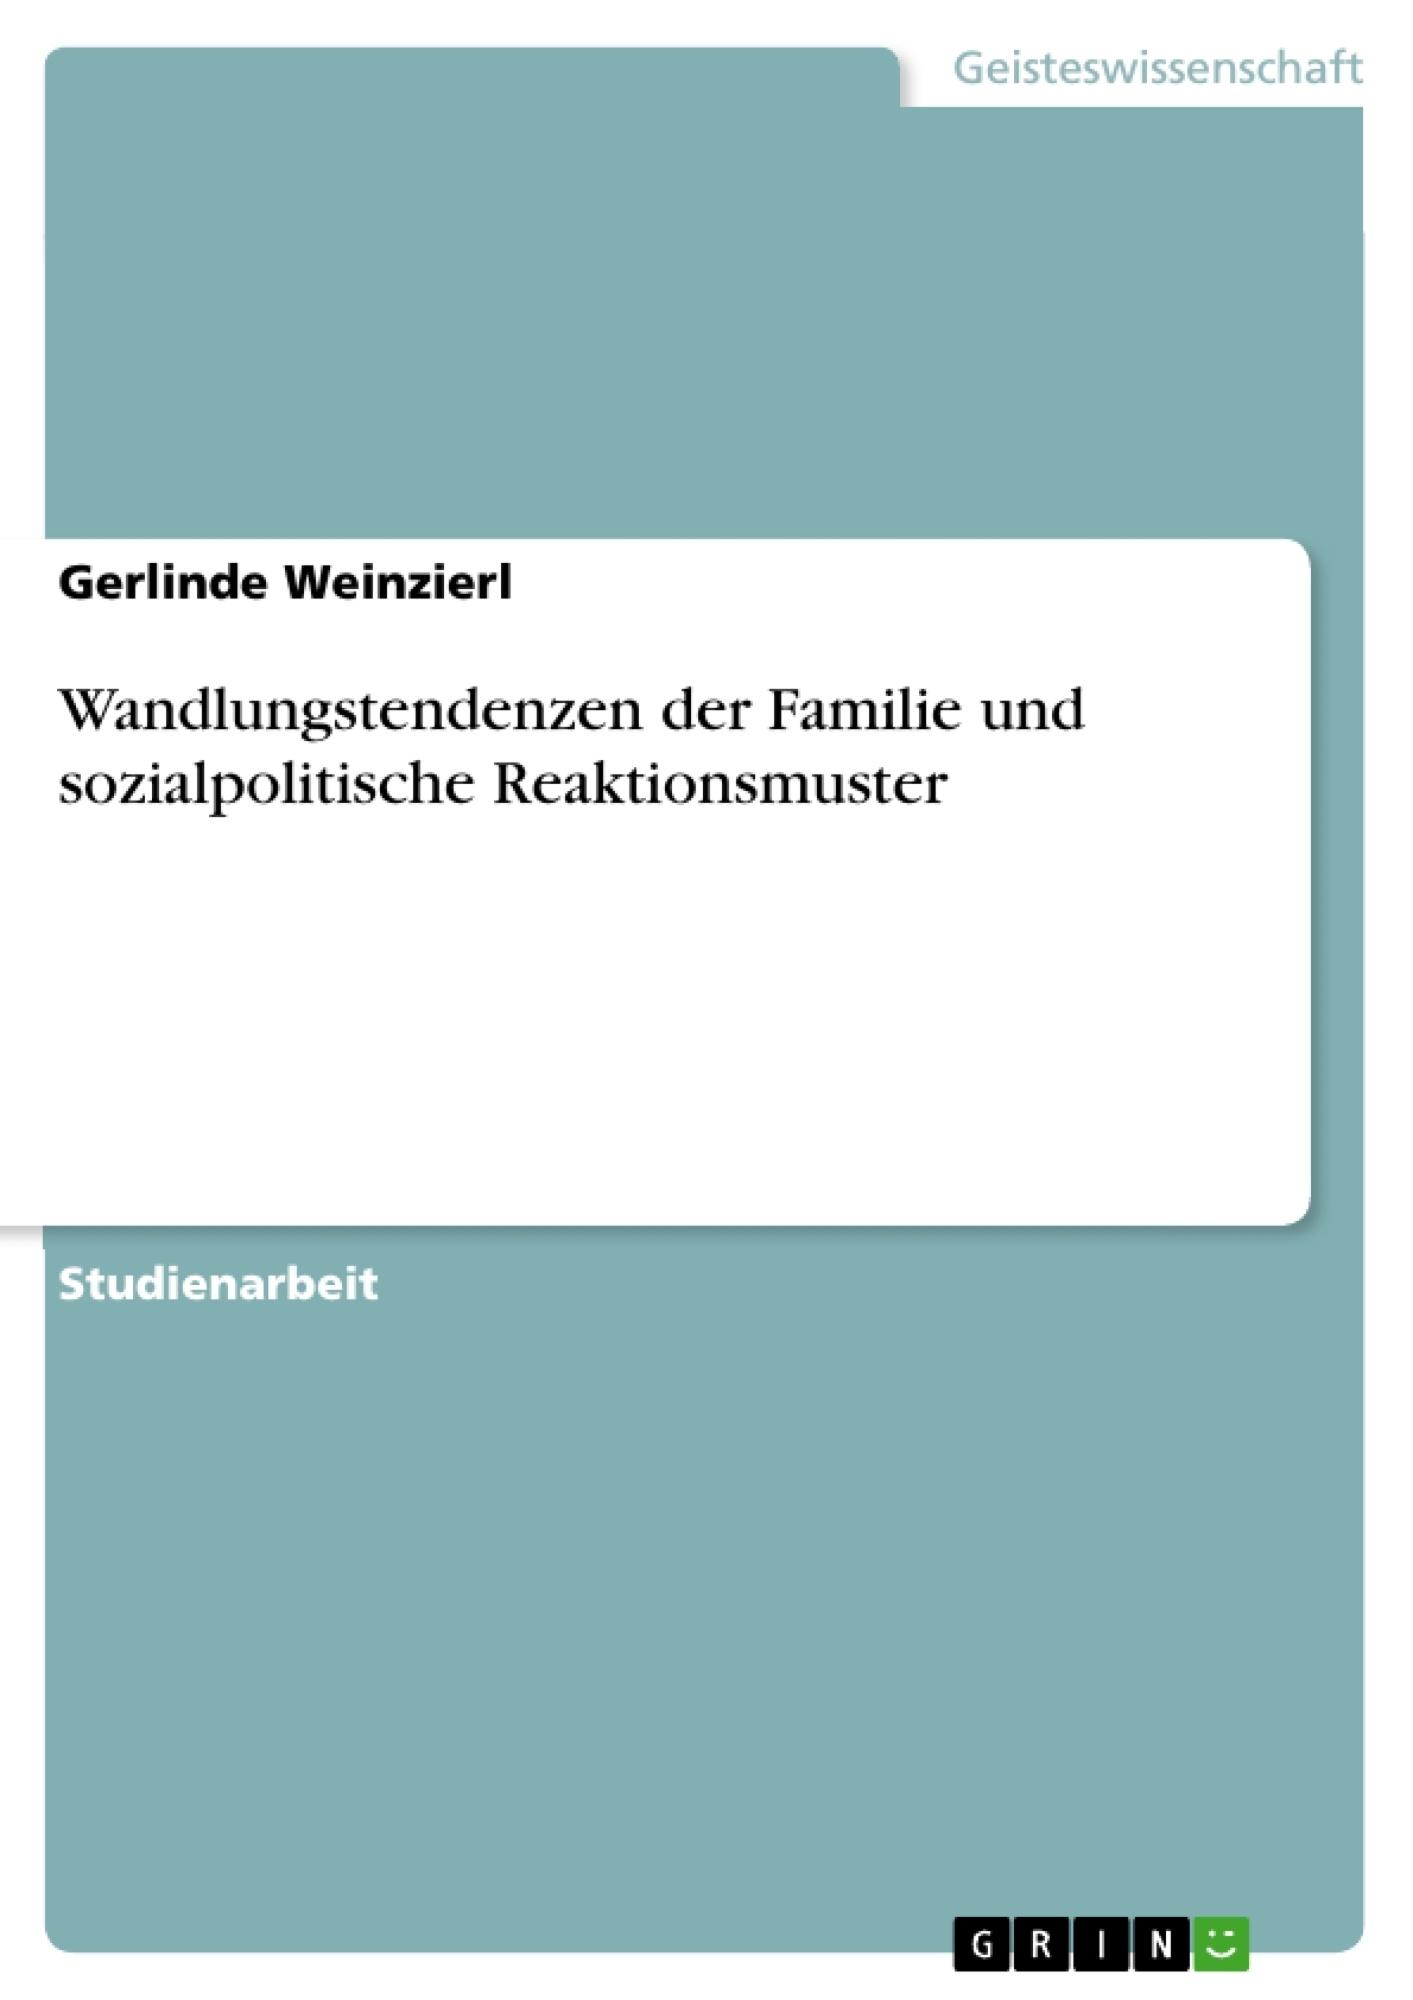 Titel: Wandlungstendenzen der Familie und sozialpolitische Reaktionsmuster